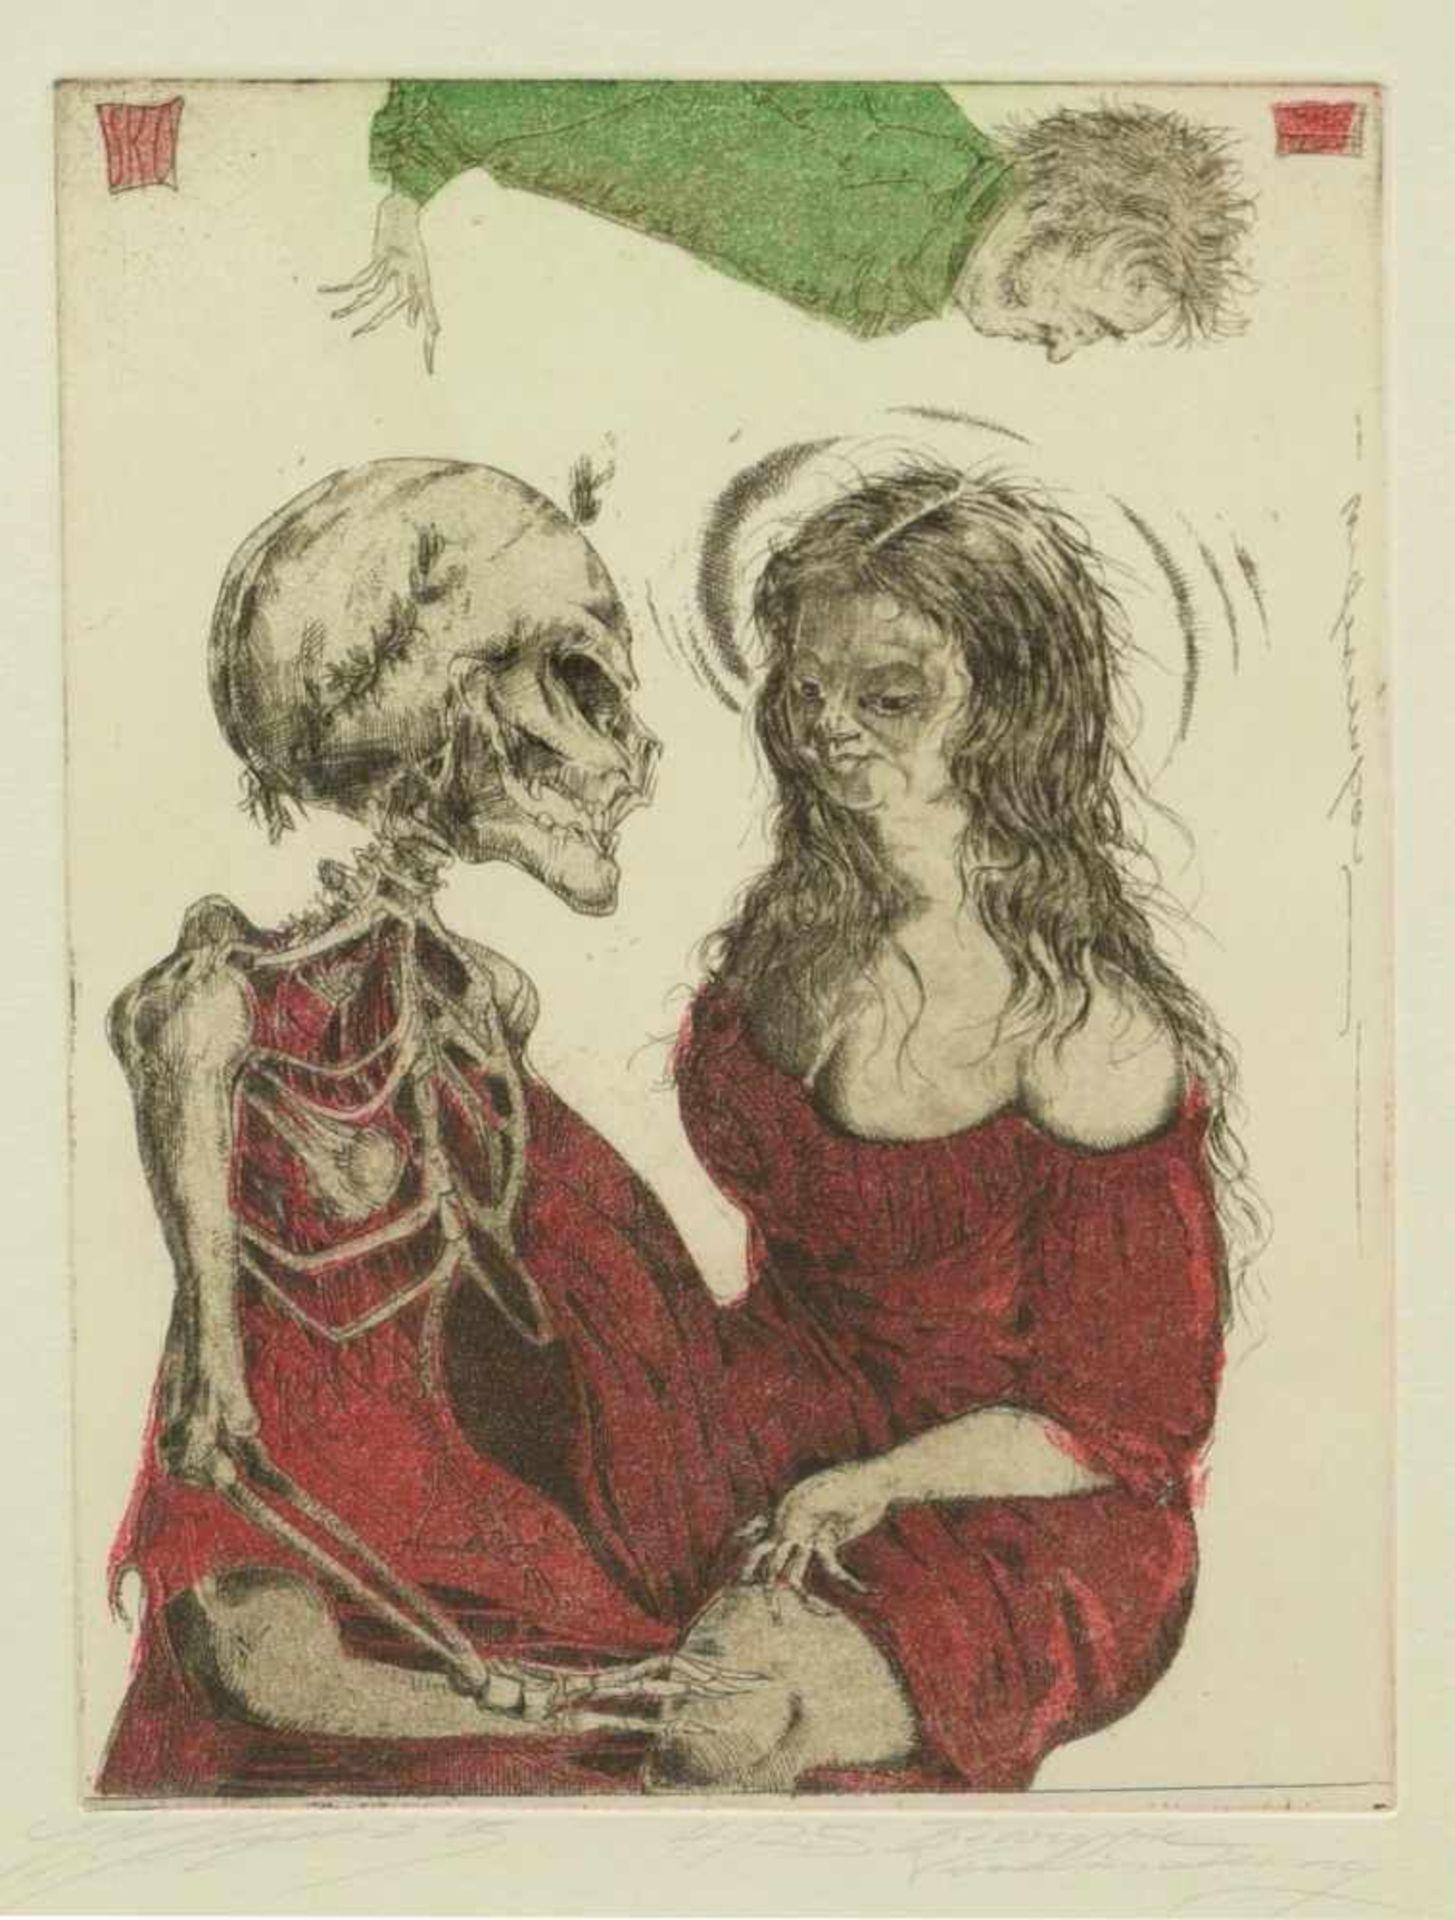 Klenner- Otto, Stephan - Paar Farbradierungen aus E.T.A. Hoffmann Rath Krespel 2004Teil der - Bild 3 aus 5